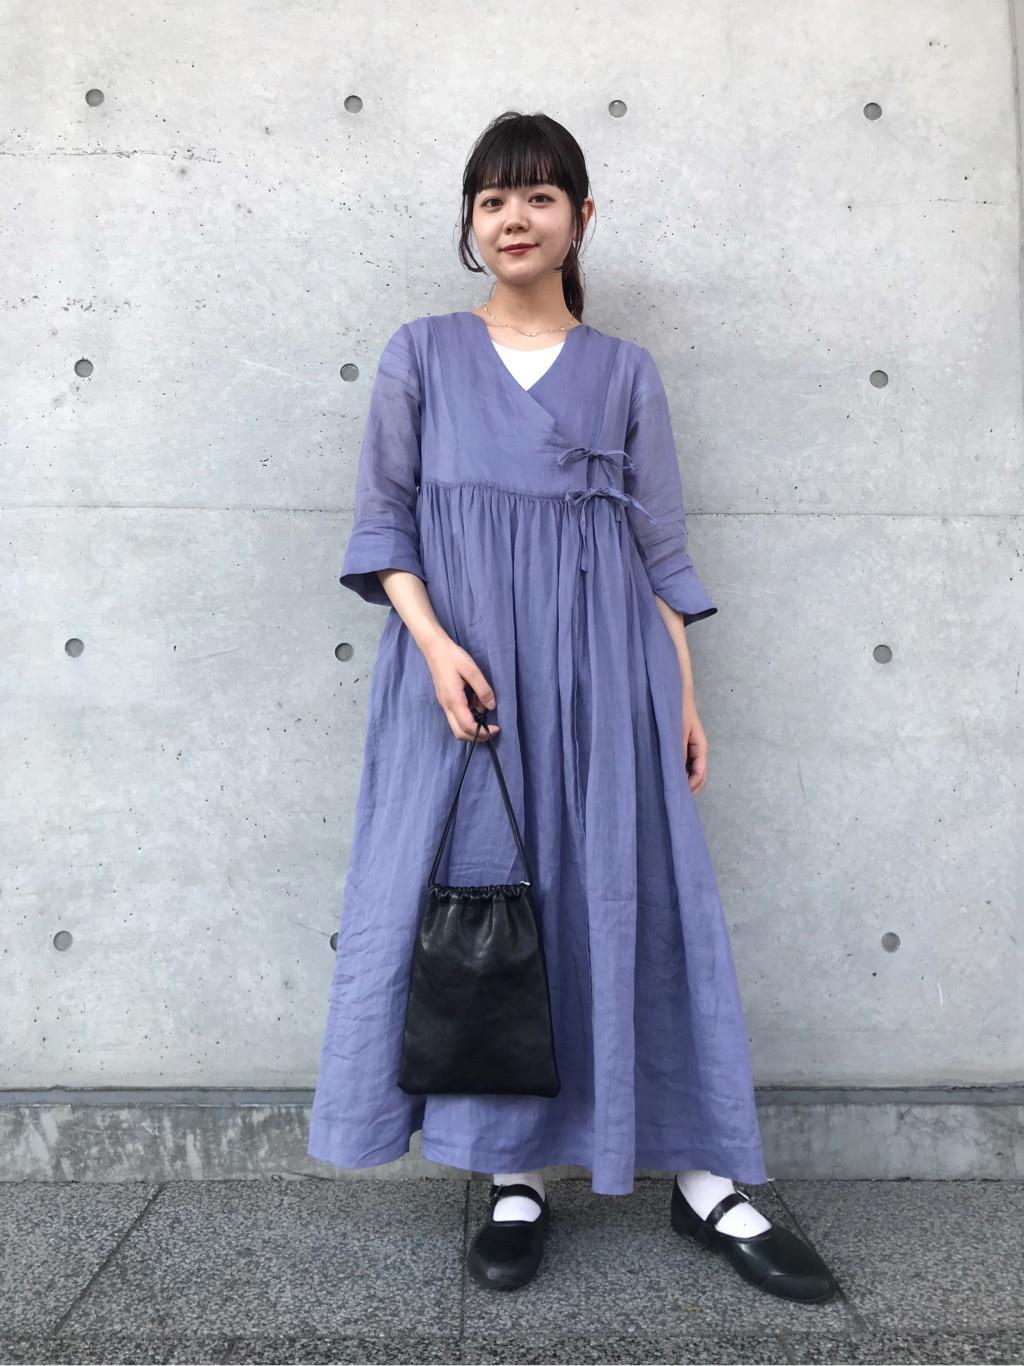 l'atelier du savon 東京スカイツリータウン・ソラマチ 身長:154cm 2020.08.18